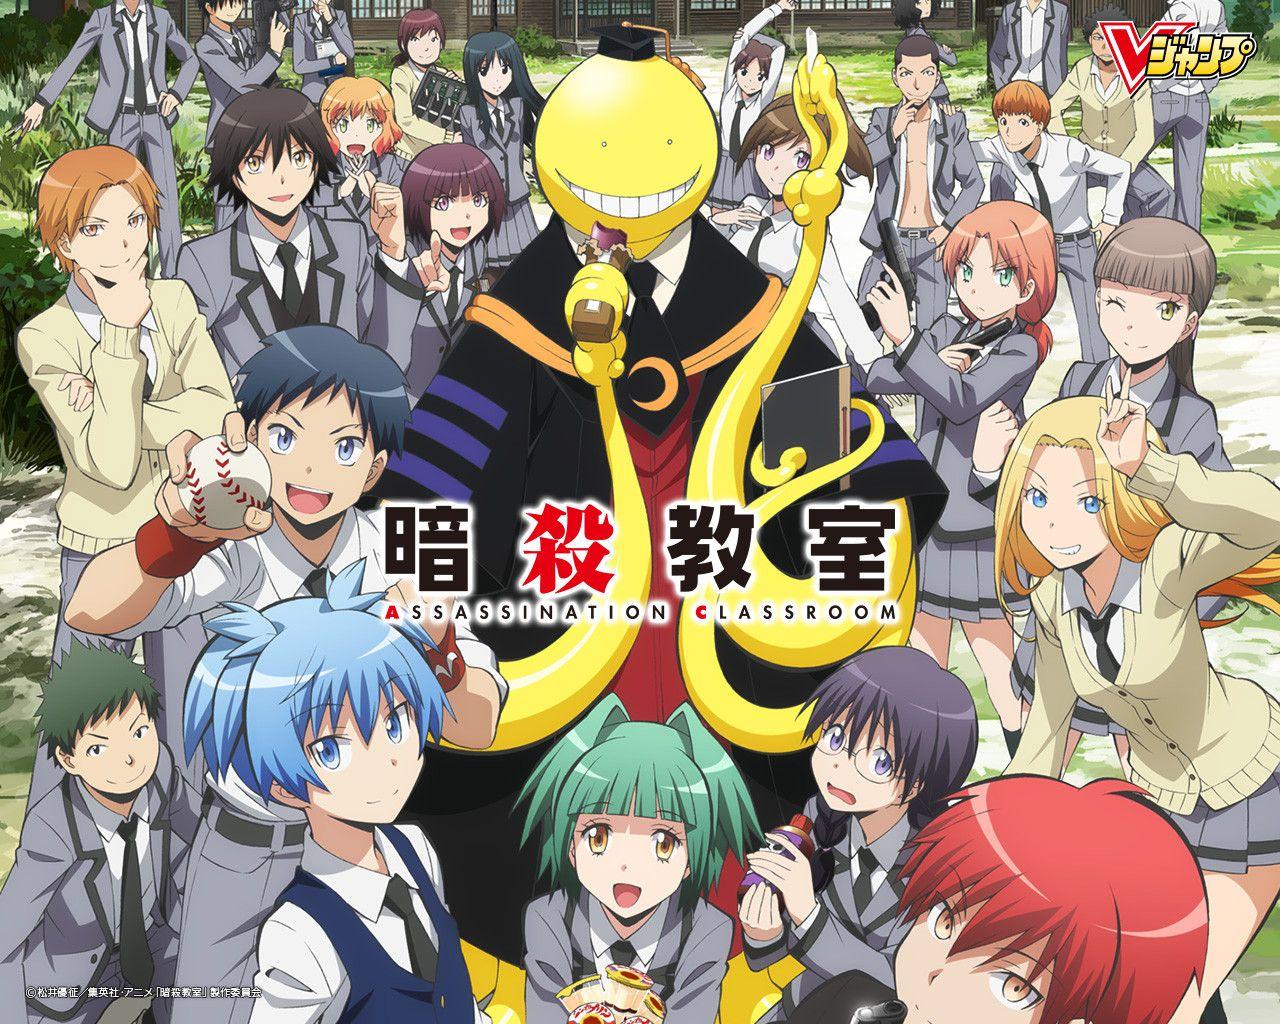 Check it out! anime otaku japan assasination